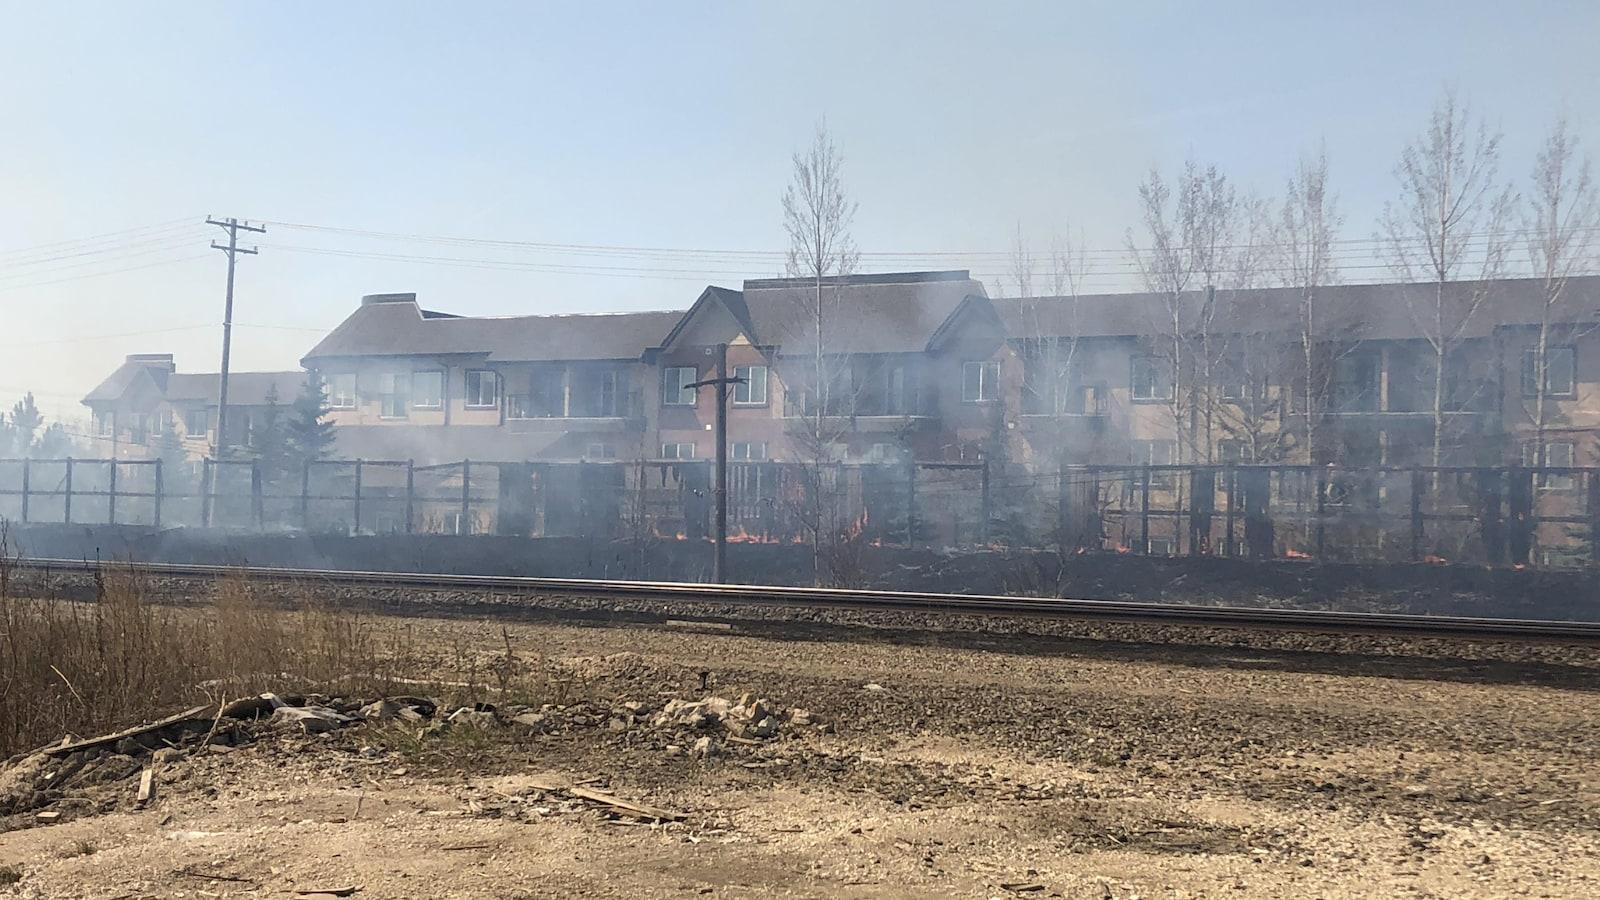 Un feu de brousailles entre des rails et des résidences